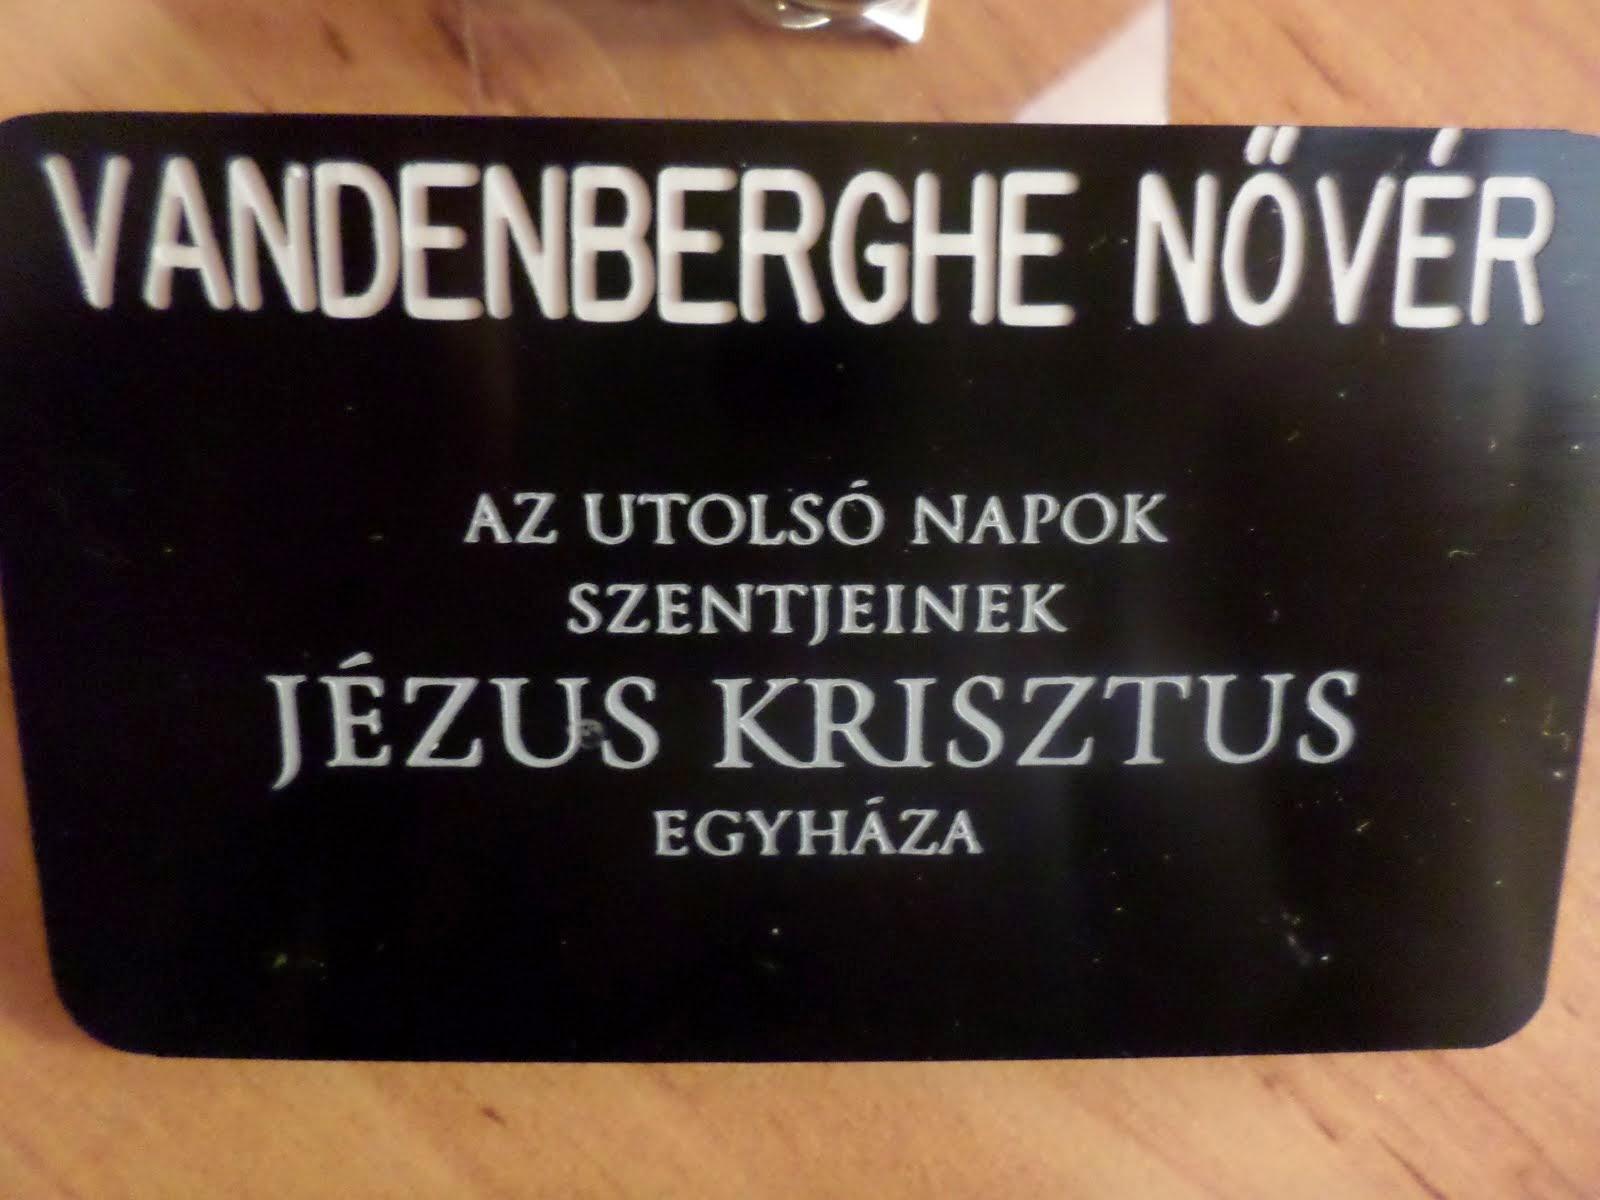 VanDenBerghe Nover